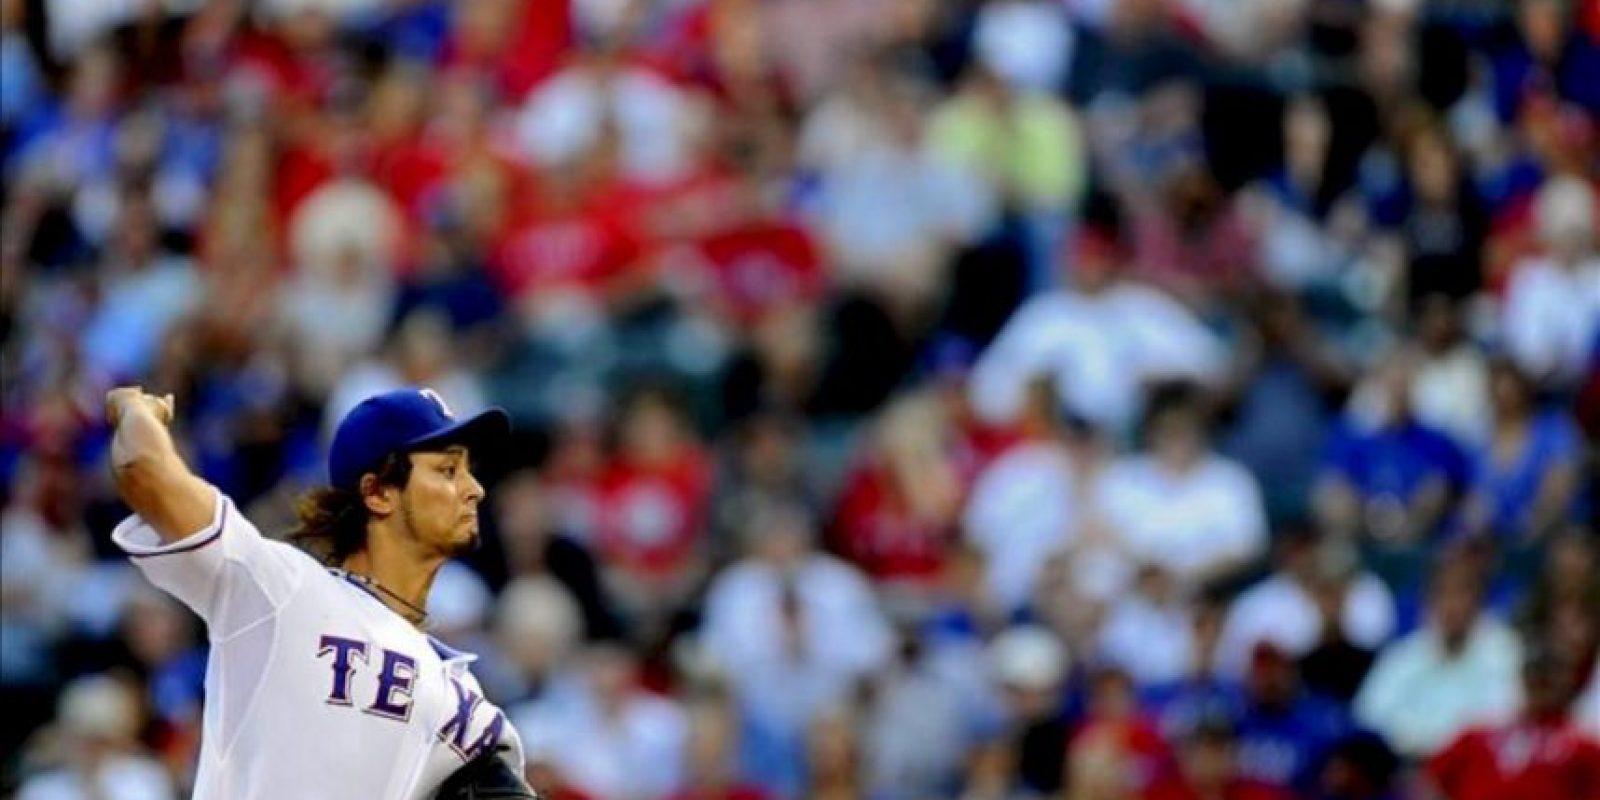 El abridor de Vigilantes Yu Darvish lanza una bola durante un partido ante Yanquis por la MLB en el Rangers Ballpark de Arlington, Texas (EE.UU.). EFE